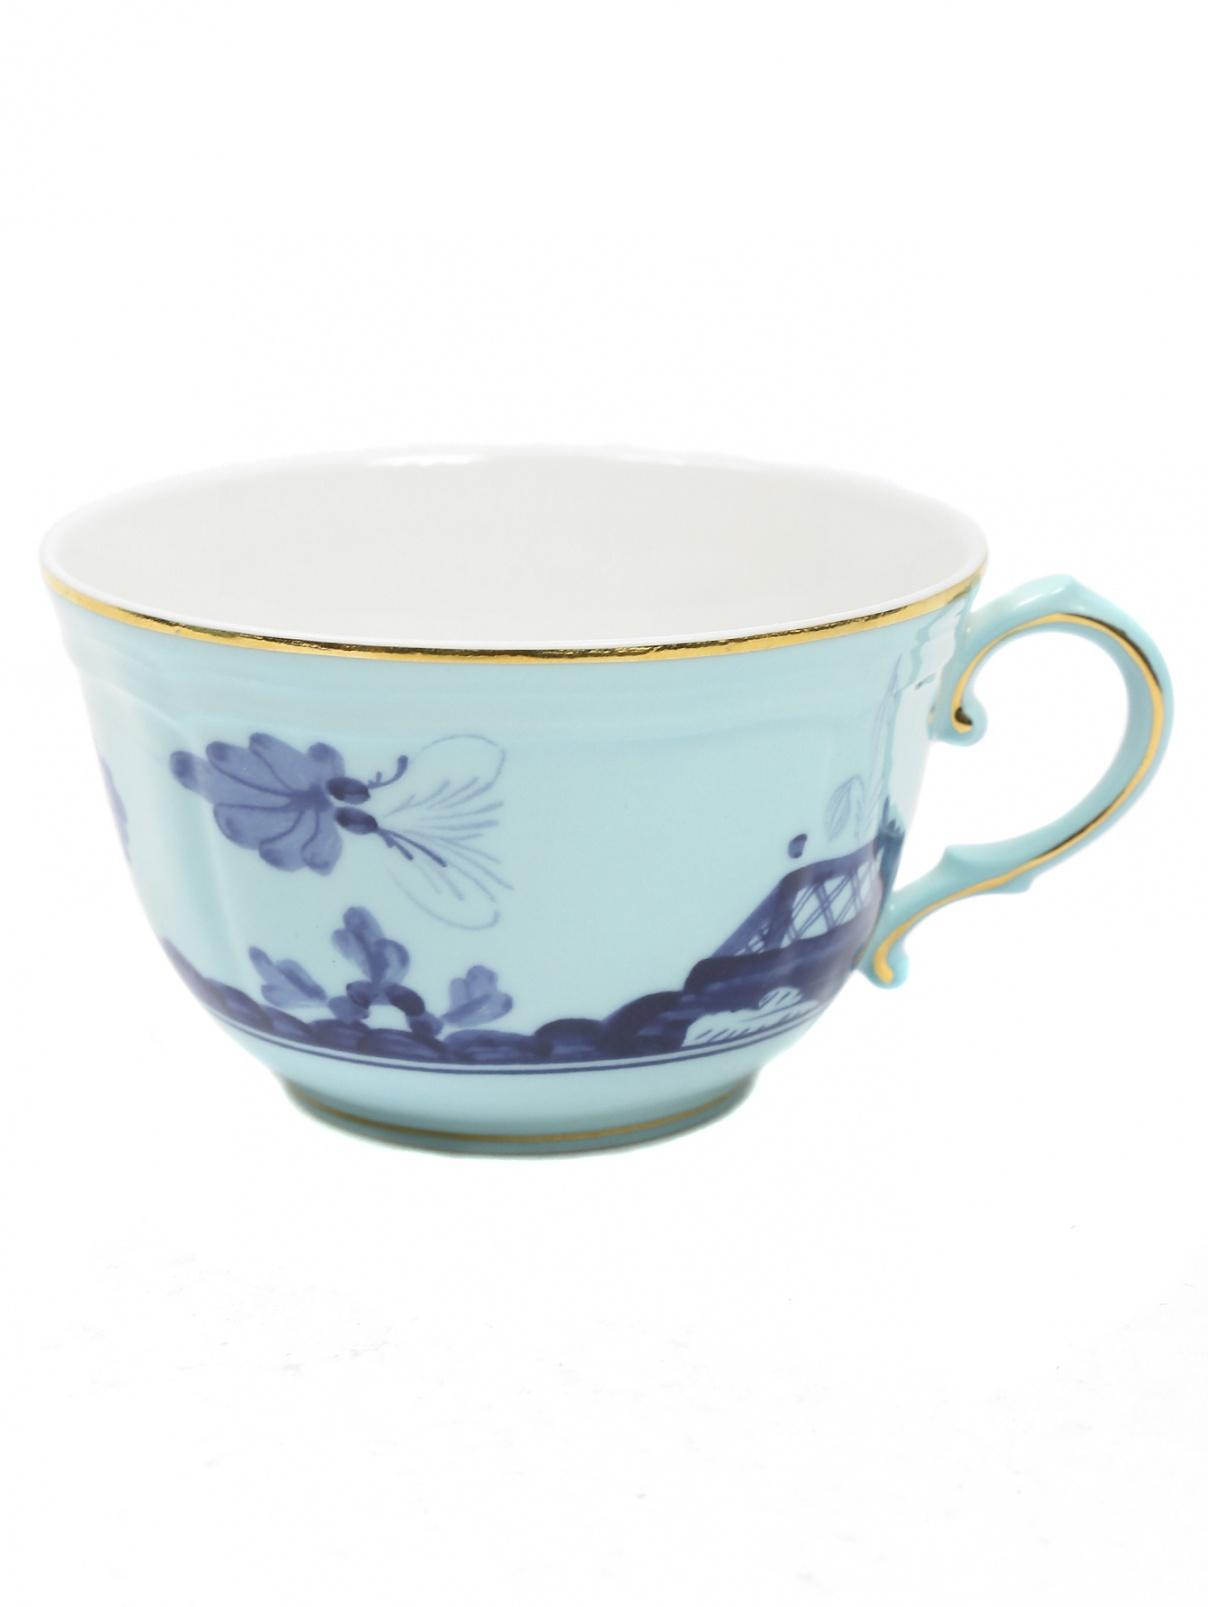 Чайная чашка с узором и золотой окантовкой Richard Ginori 1735  –  Общий вид